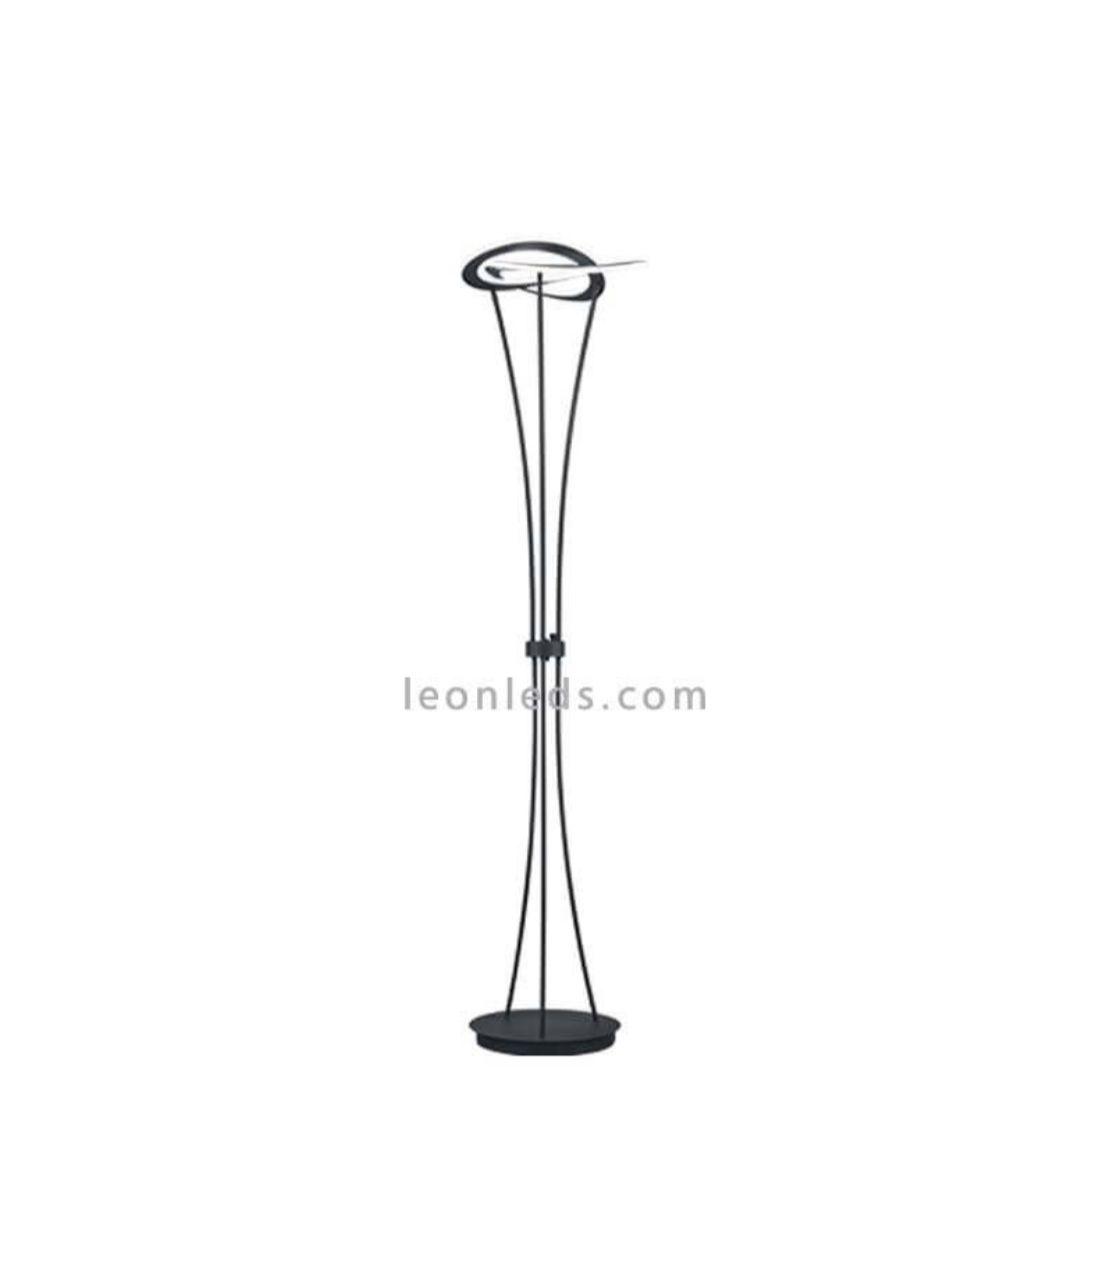 con estilo color Lámpara de de de Pie antracita moderno Led qzLVMGSUp